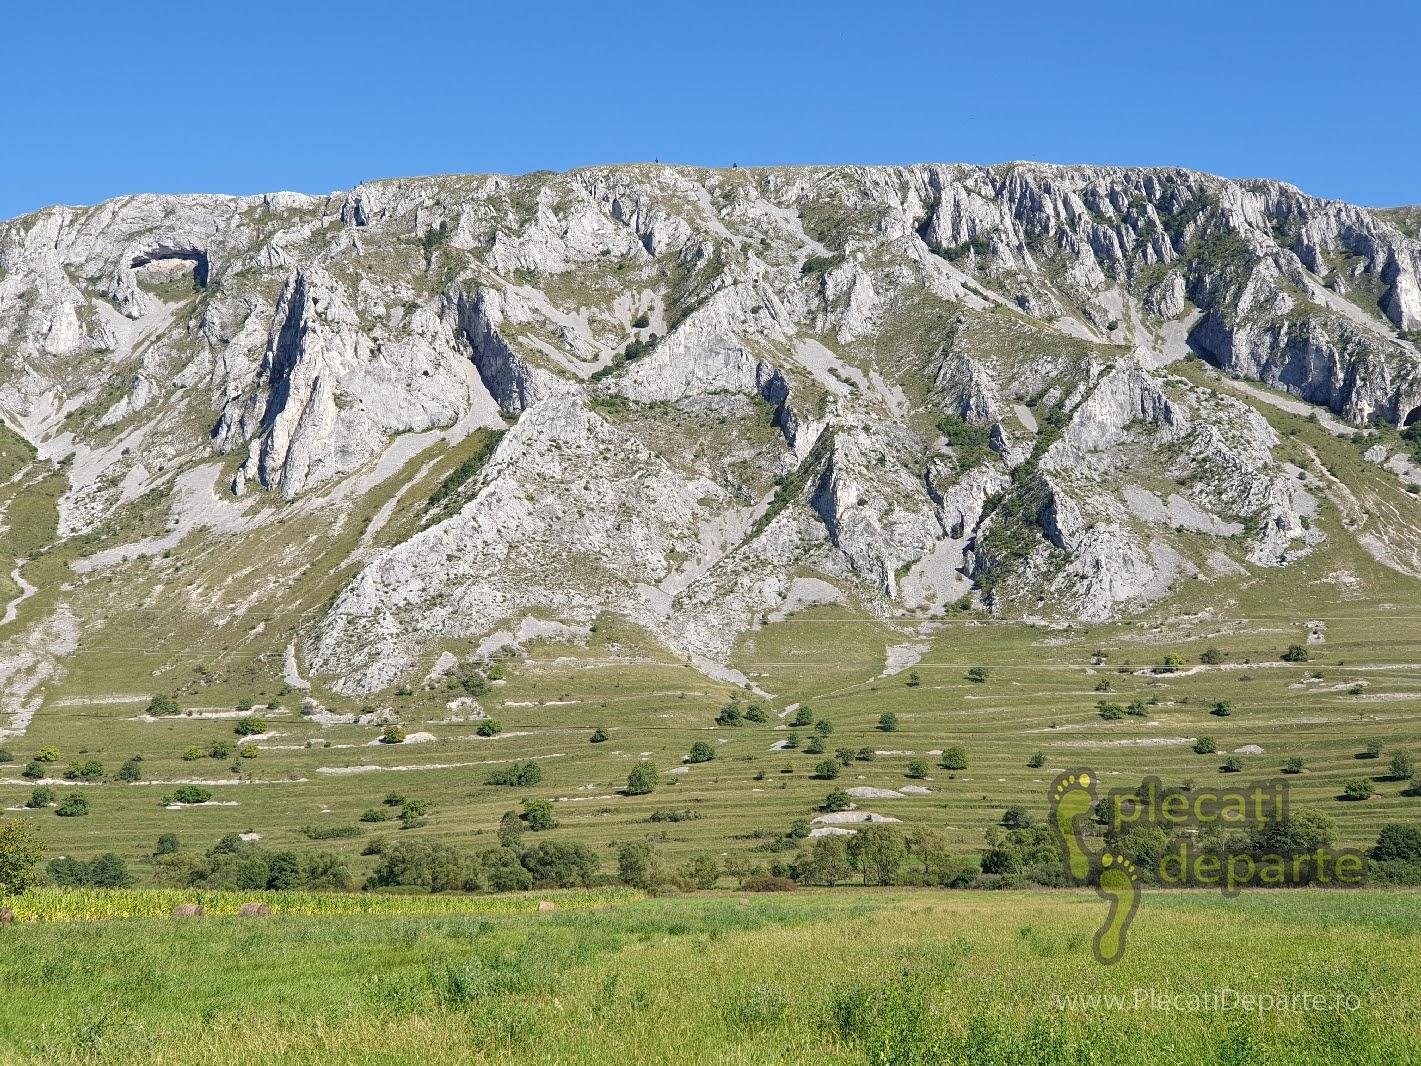 Coltii Trascaului privire dintre satul Rimetea si satul Coltesti. obiective turistice cluj, imprejurimi cluj, obiective cluj, obiective judetul cluj, atractii cluj, obiective cluj napoca, atractii cluj napoca